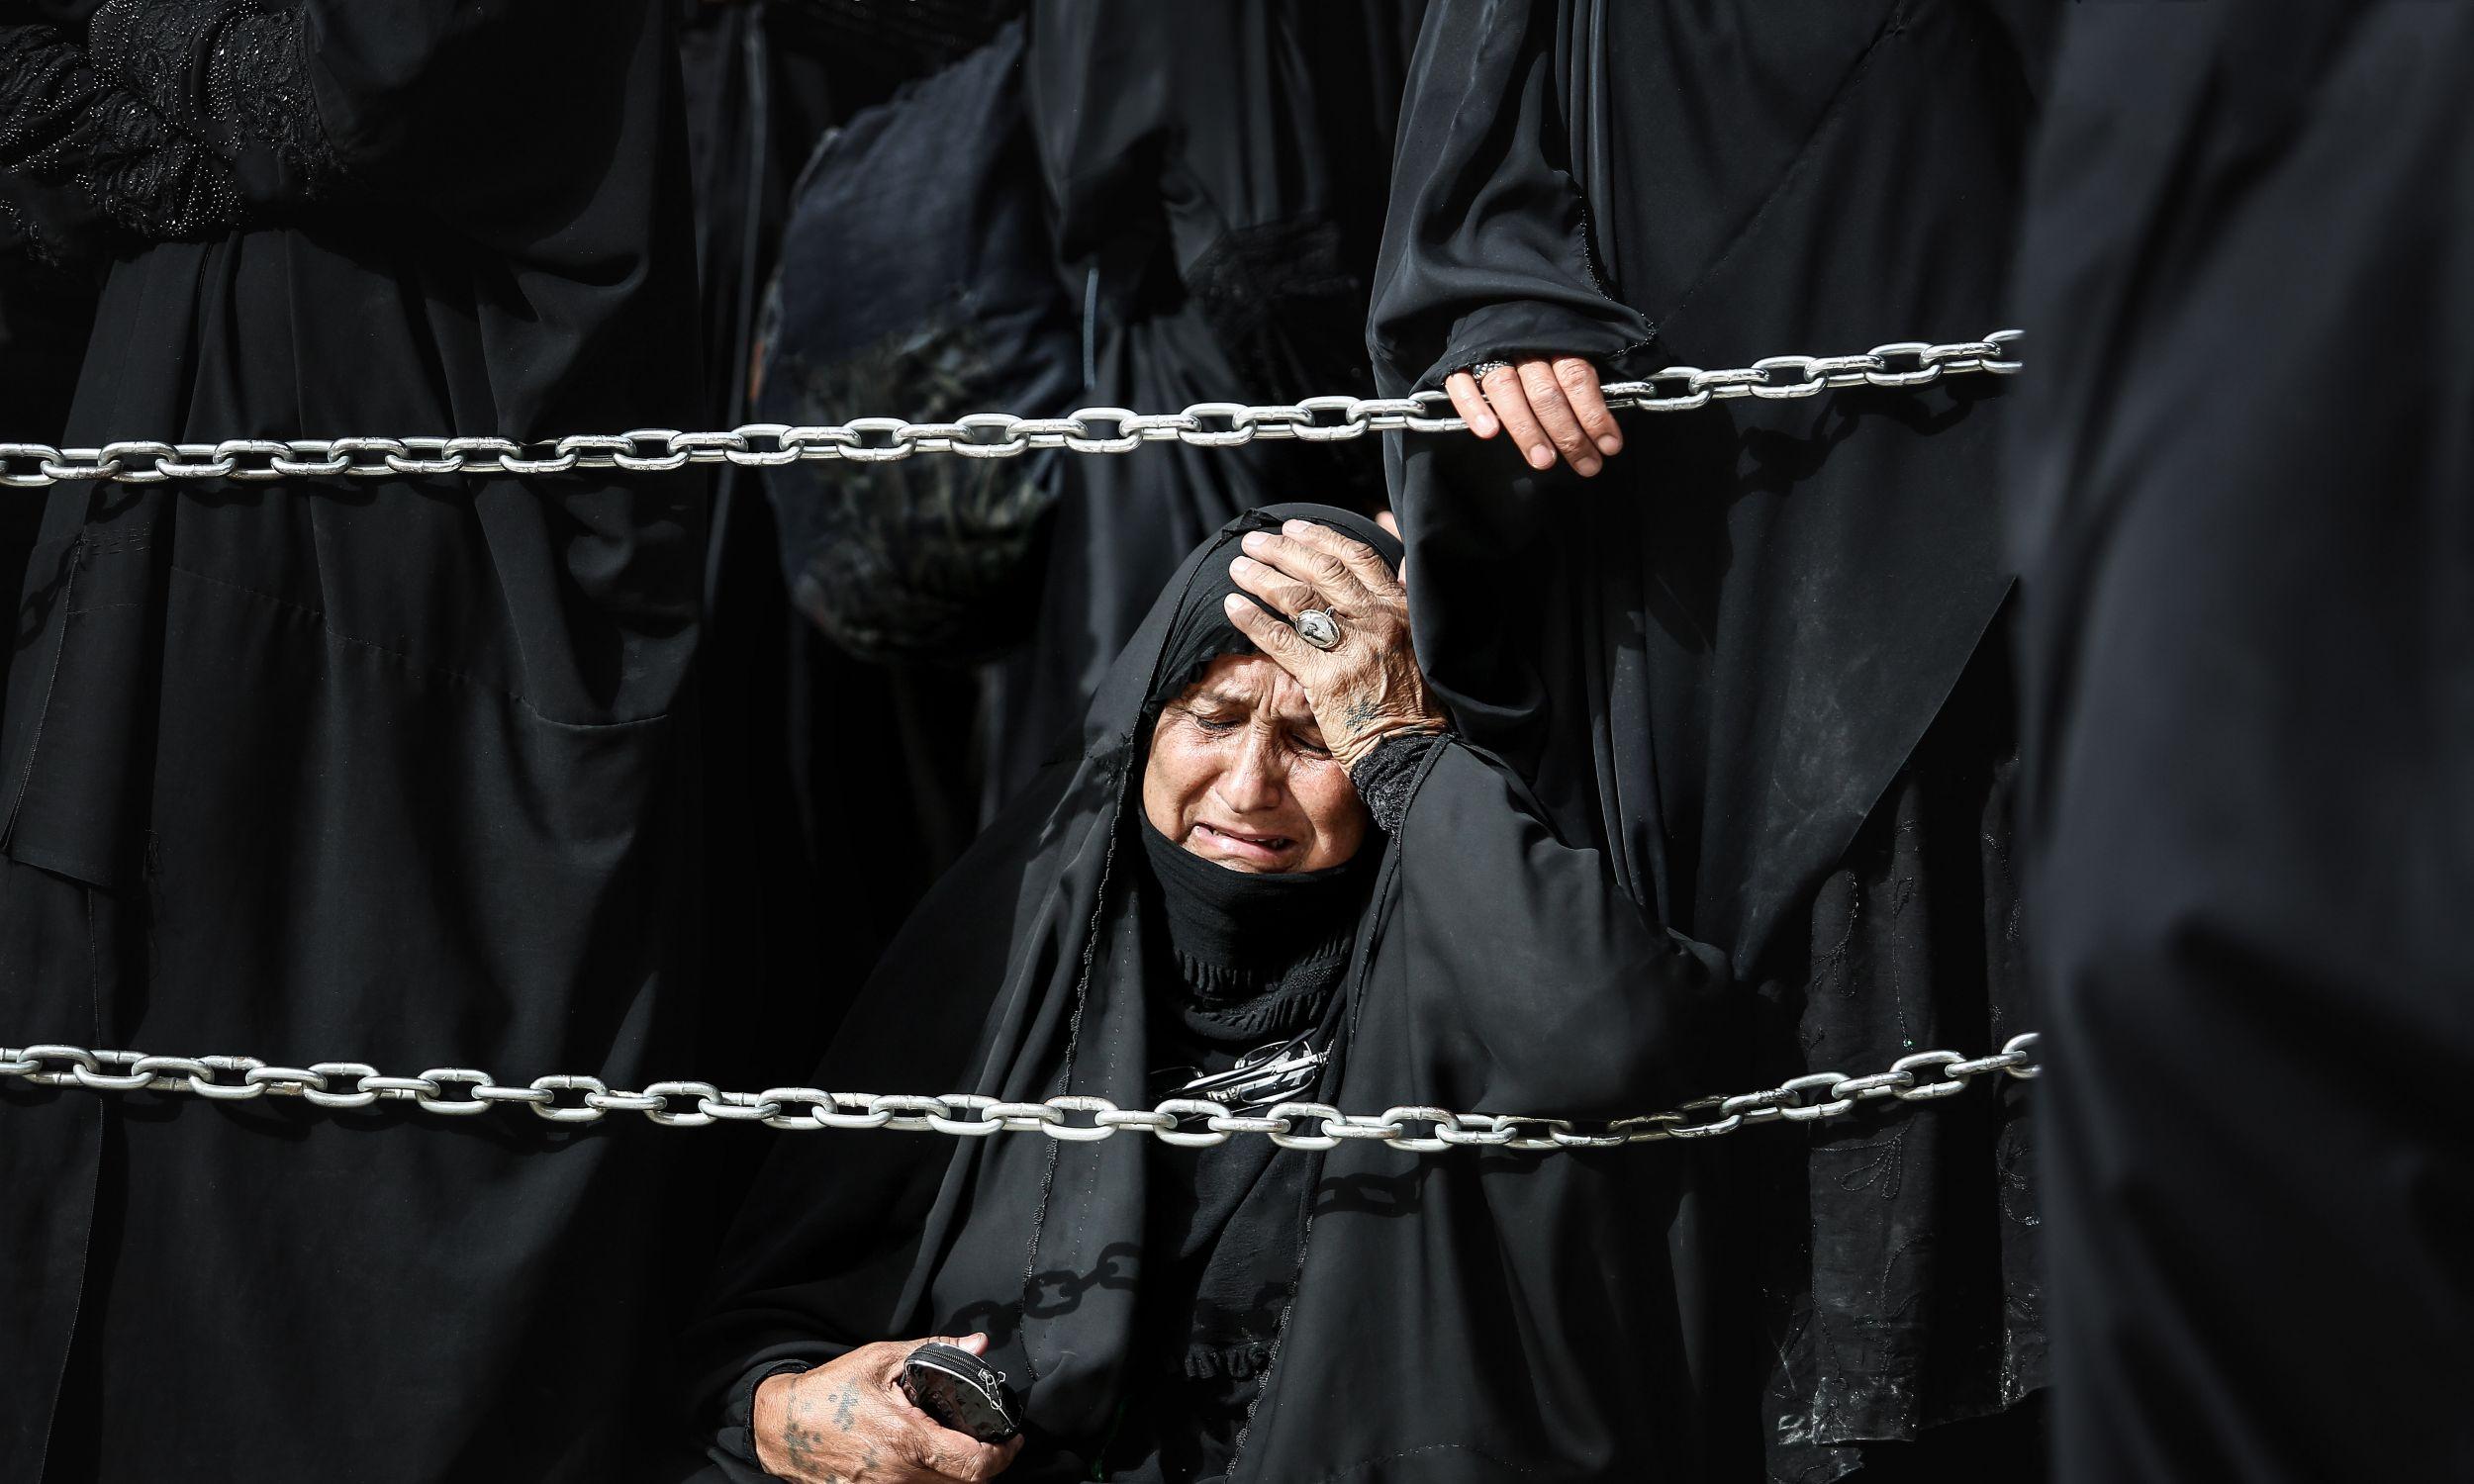 Szyici pielgrzymują do Karbali, gdzie w 680 roku zginął imam Husajn. Fot. Sayed Baqer AlKamel/NurPhoto via Getty Images